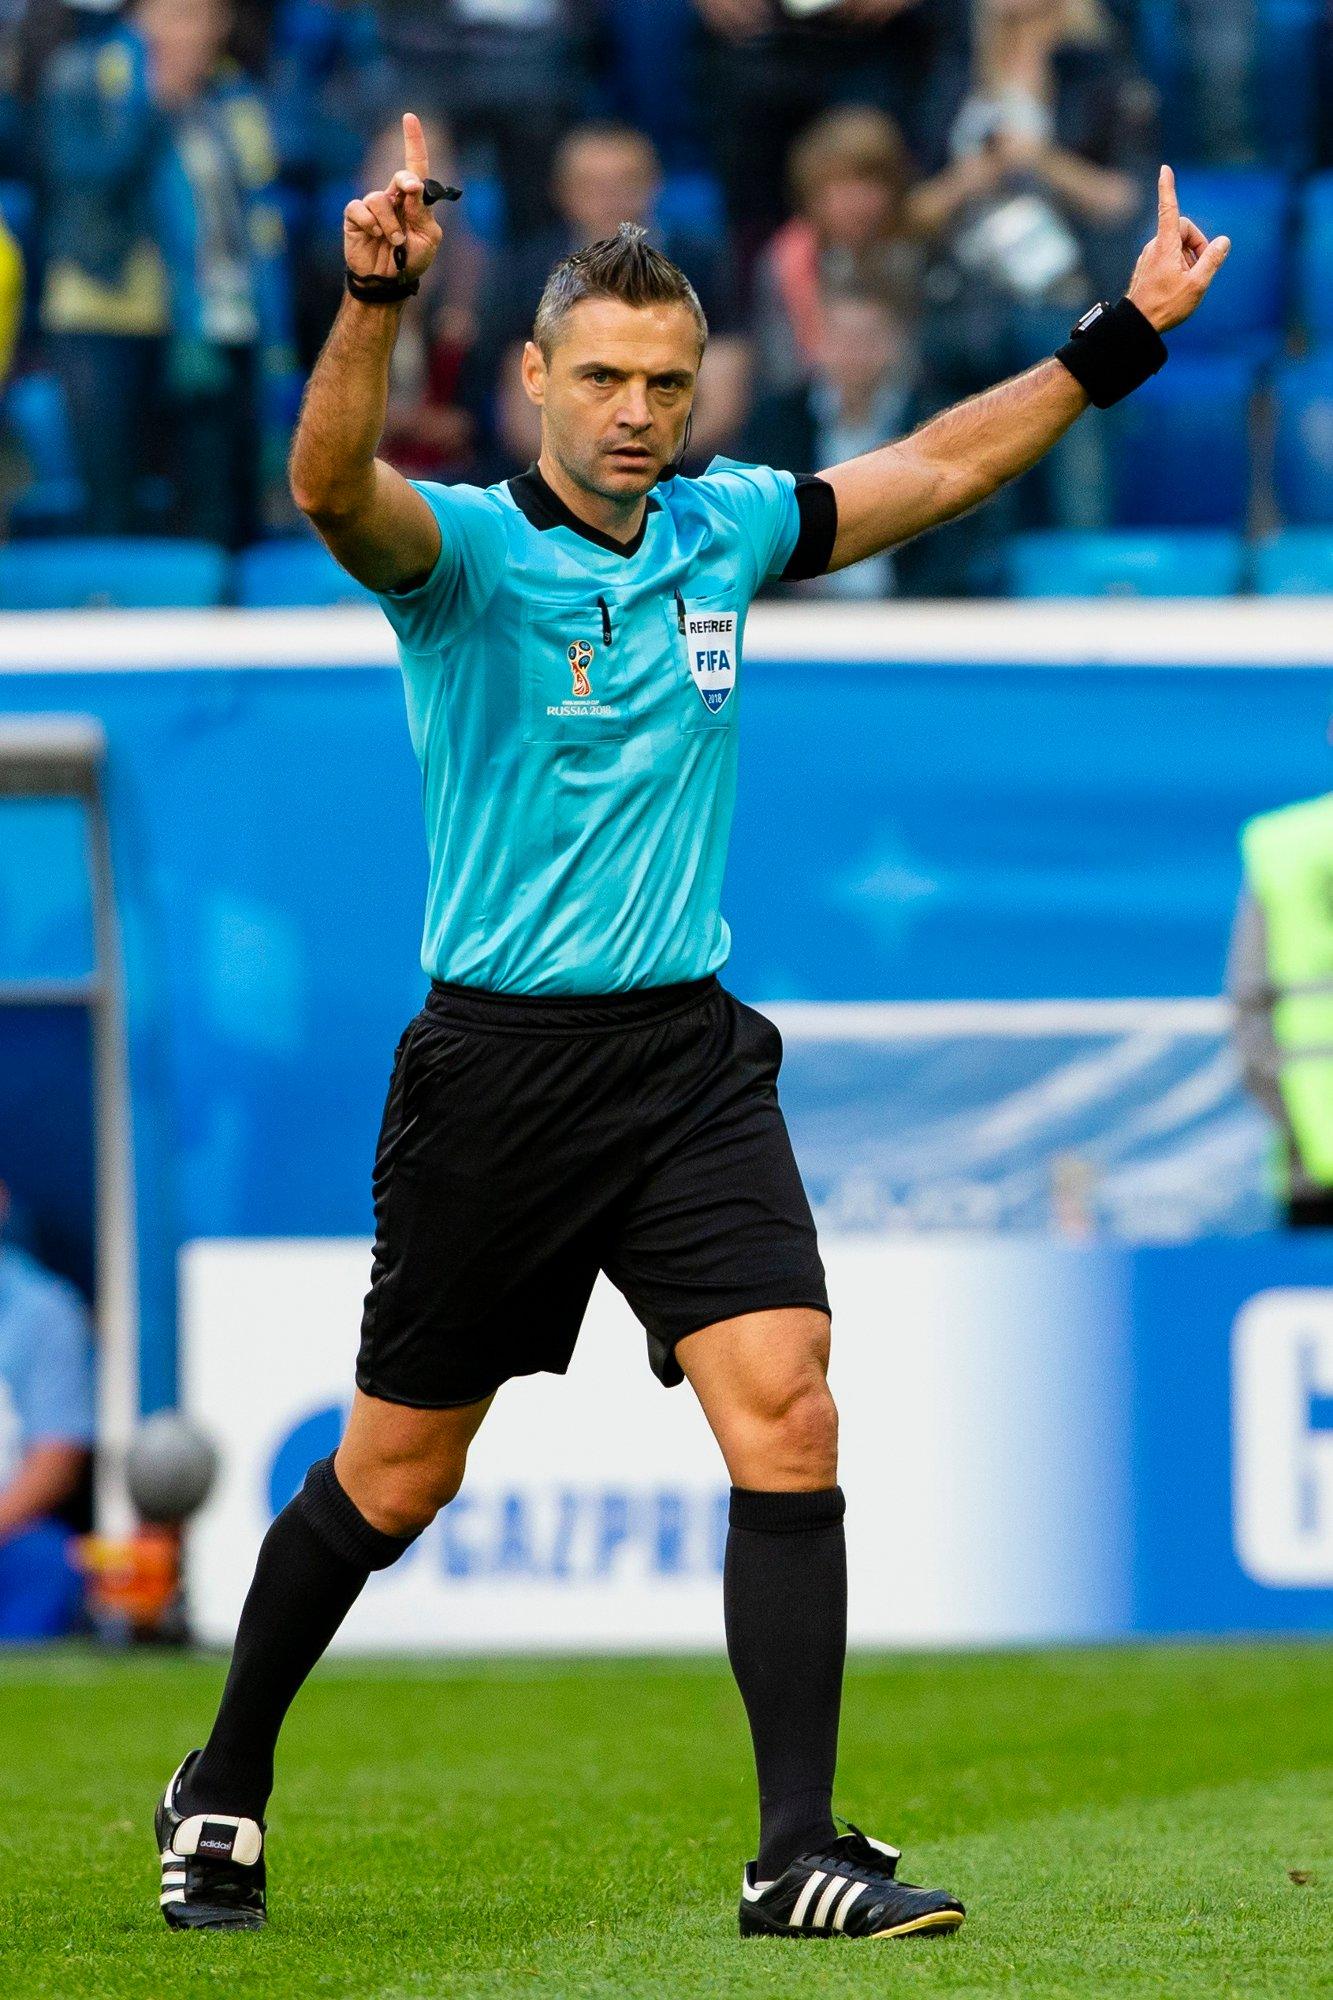 Slovenske Damir Skomina har fått i oppdrag å dømme mesterligafinalen mellom Tottenham og Liverpool i Madrid 1. juni. Foto: Svein Ove Ekornesvåg / NTB scanpix